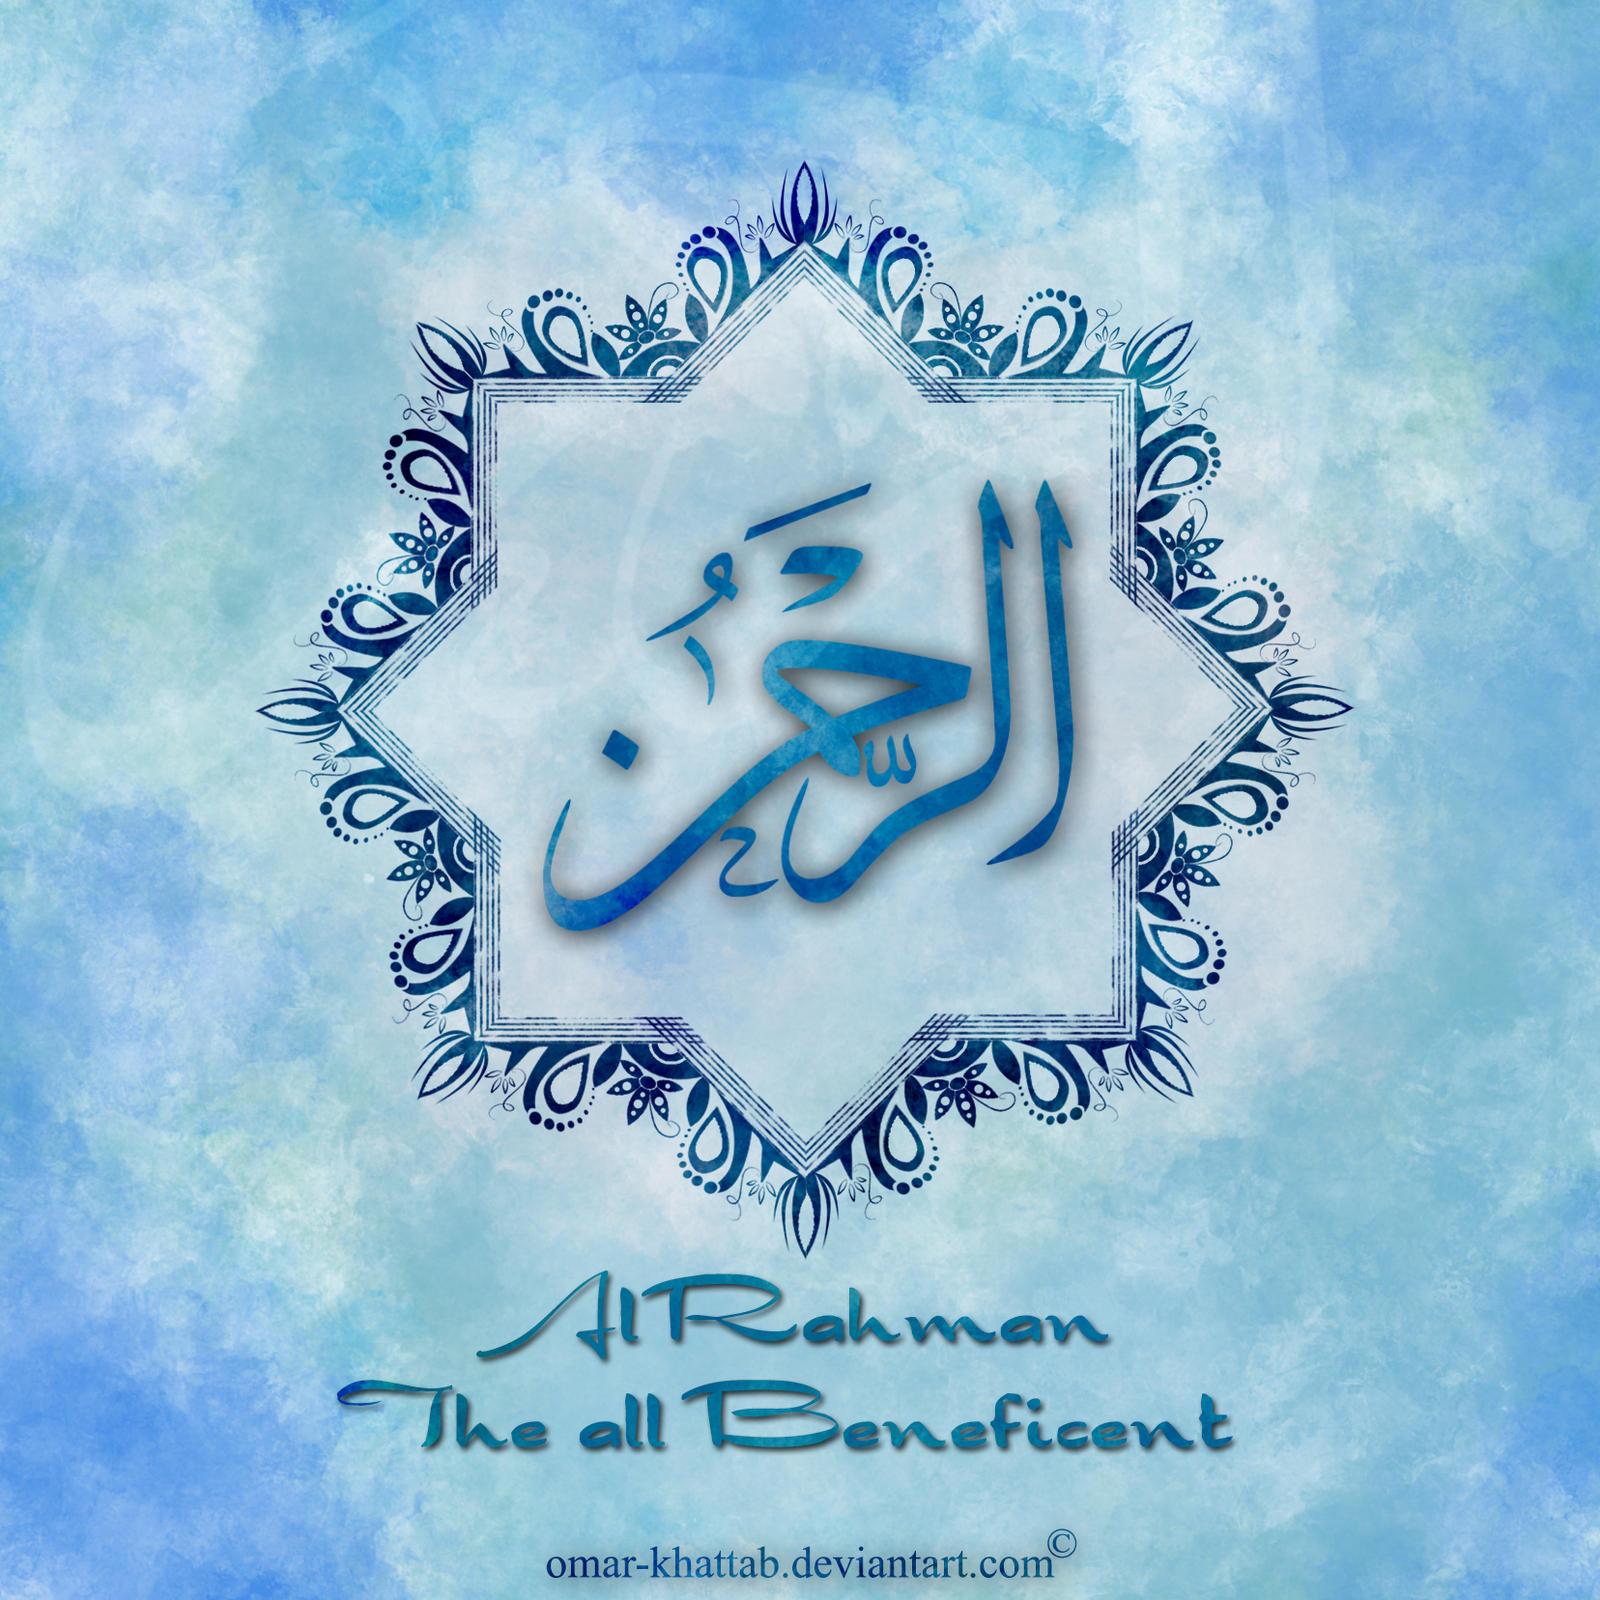 Al Rahman by Omar-Khattab